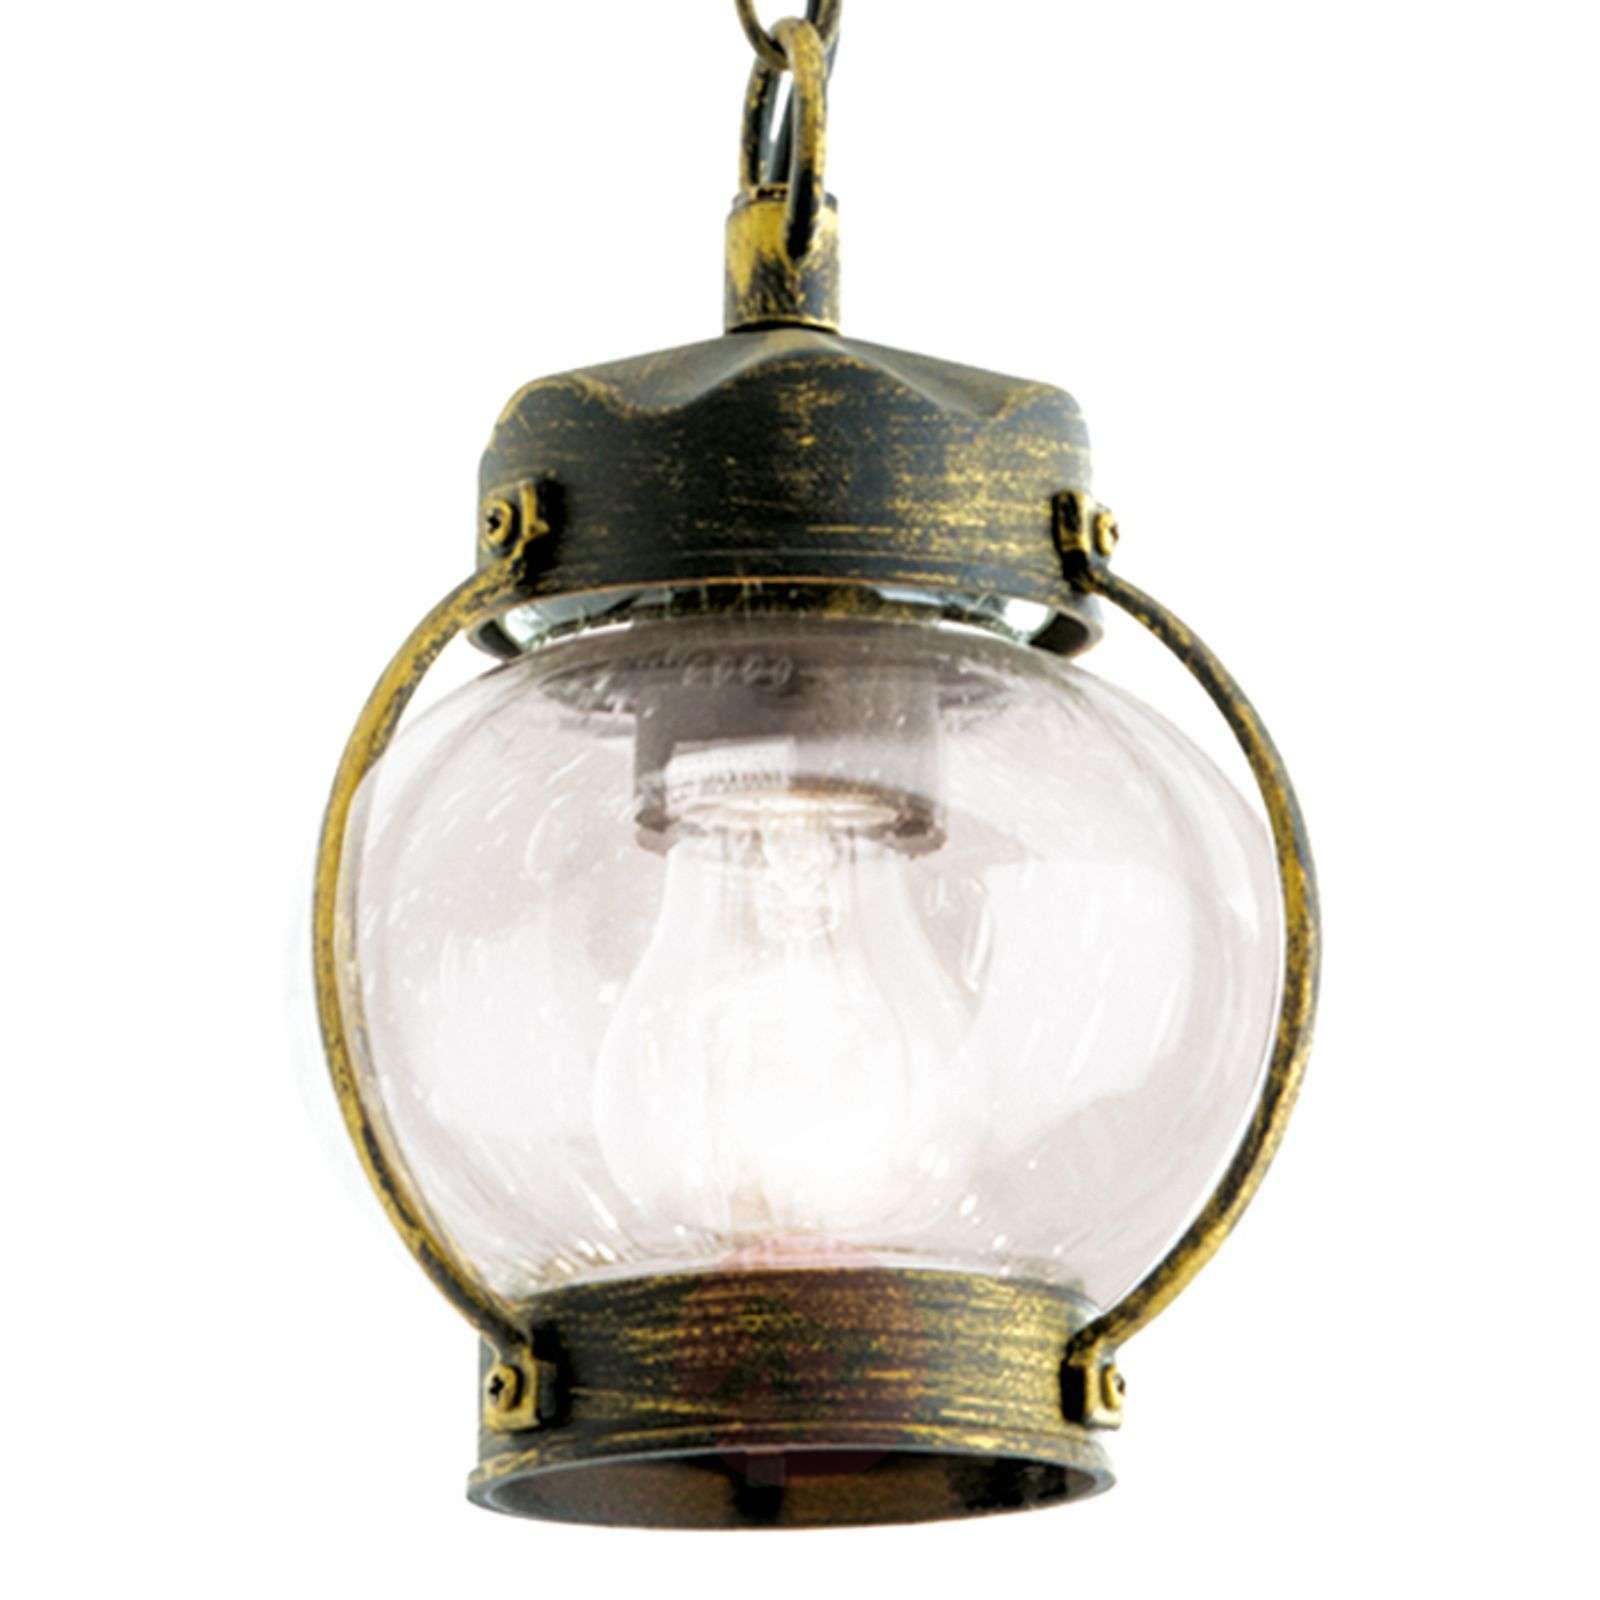 Puhallettua lasia – Margerite-riippuvalo ulkokäyt.-7255095-01